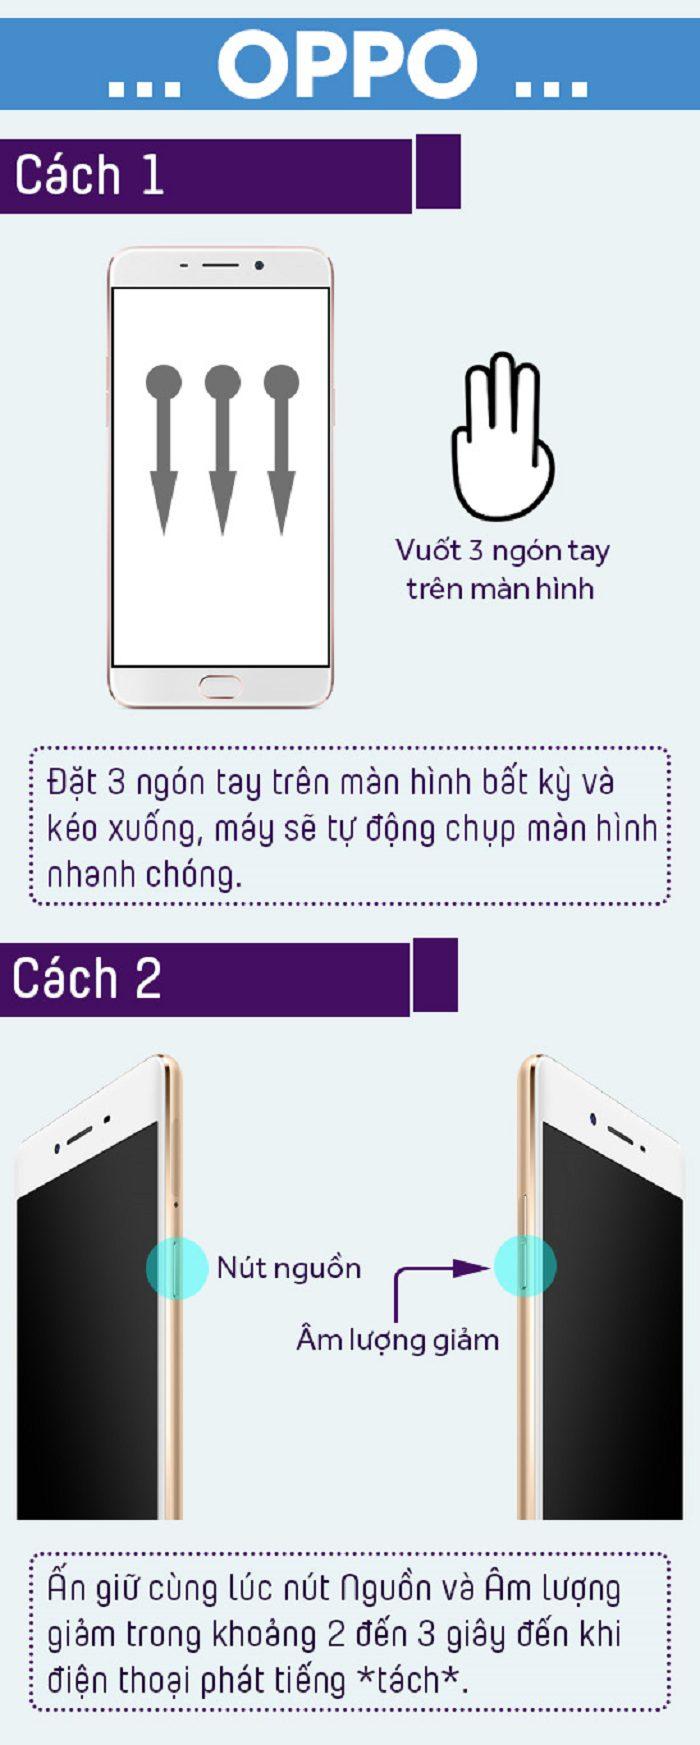 Chụp màn hình điện thoại Oppo